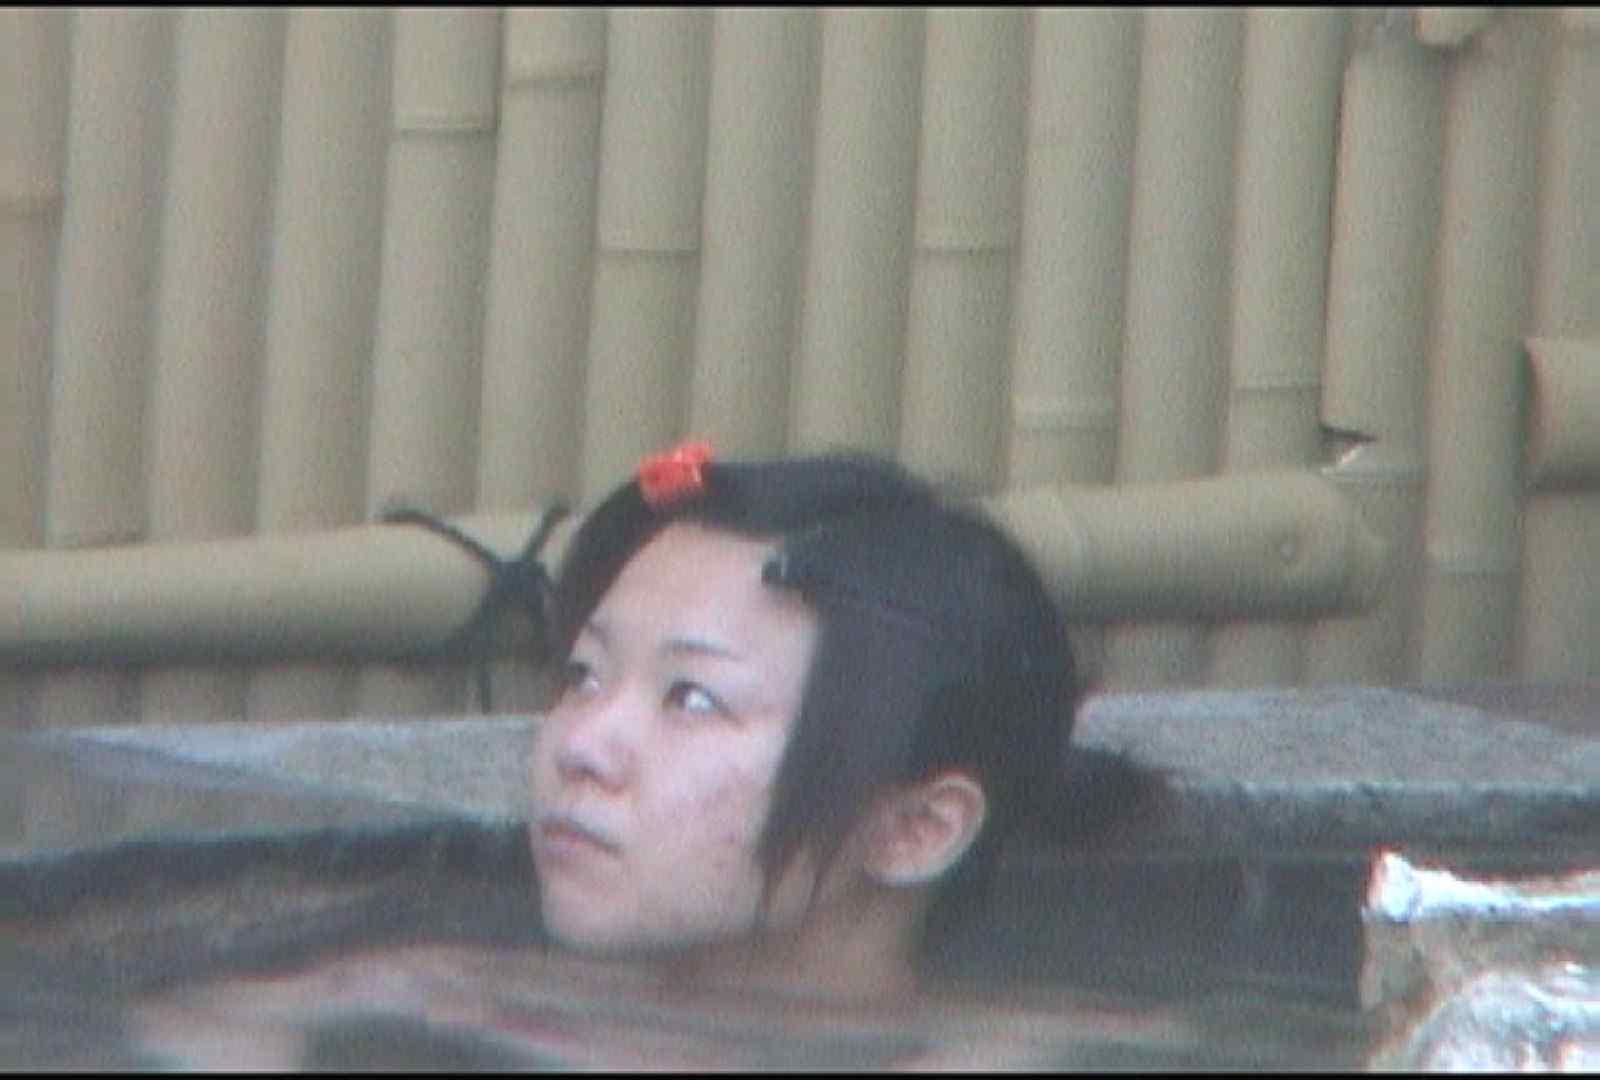 Aquaな露天風呂Vol.175 盗撮シリーズ  91PIX 50